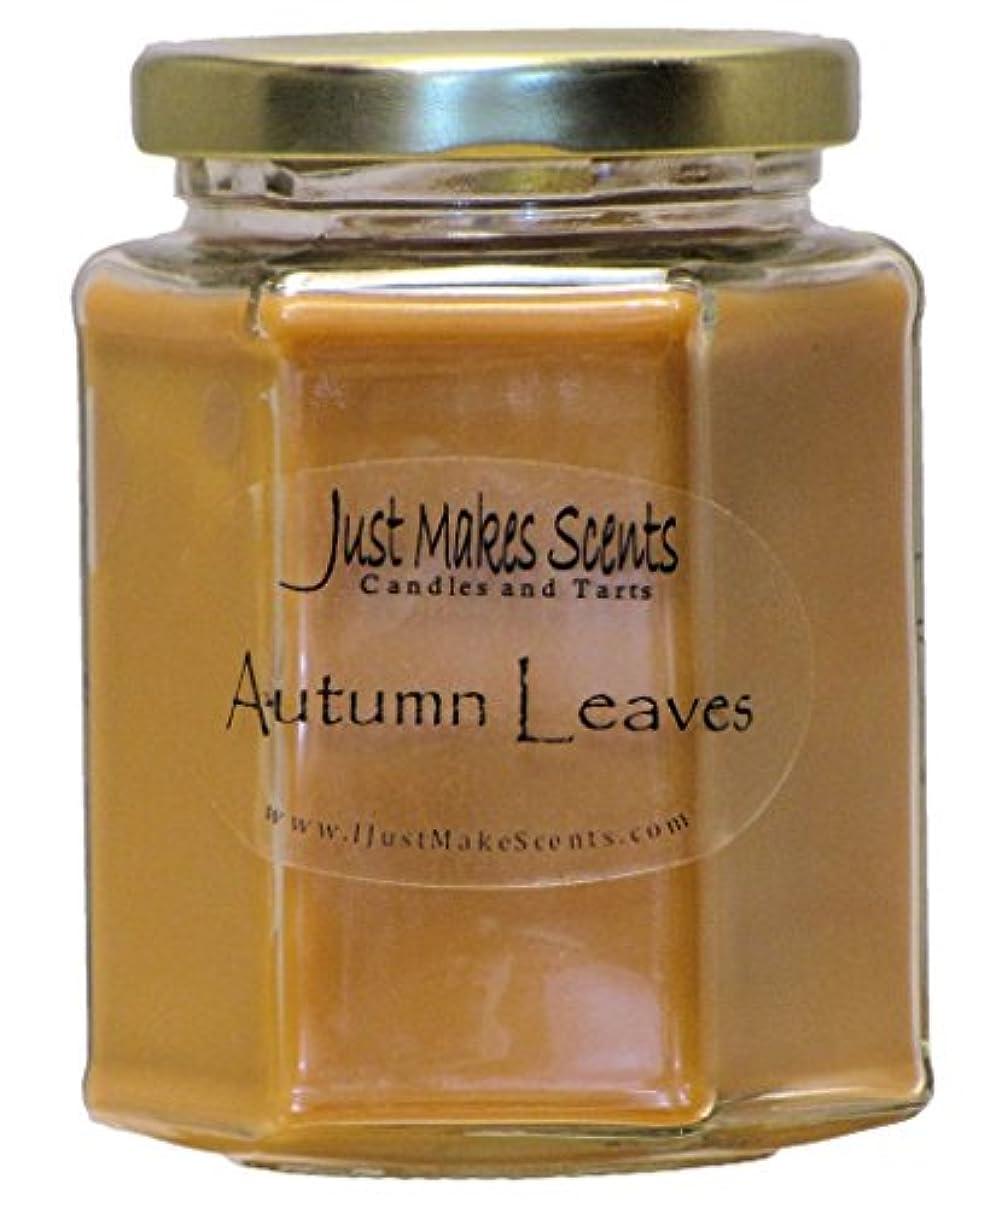 競争力のあるスカーフデジタルAutumn Leaves香りつきBlended Soy Candle by Just Makes Scents